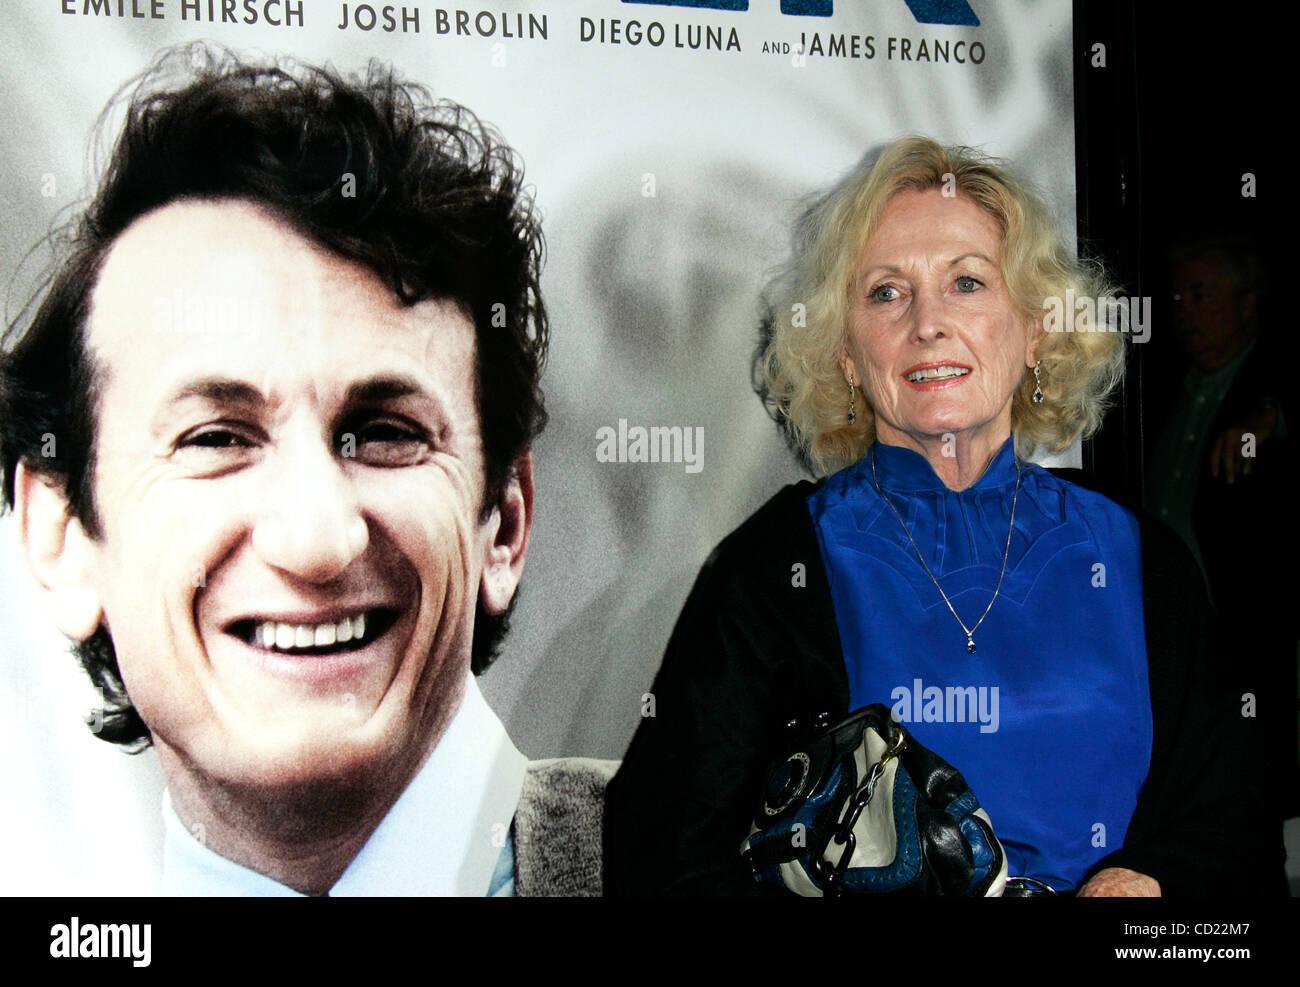 Eileen Ryan - Bio, Facts, Family | Famous Birthdays  |Eileen Ryan Movies